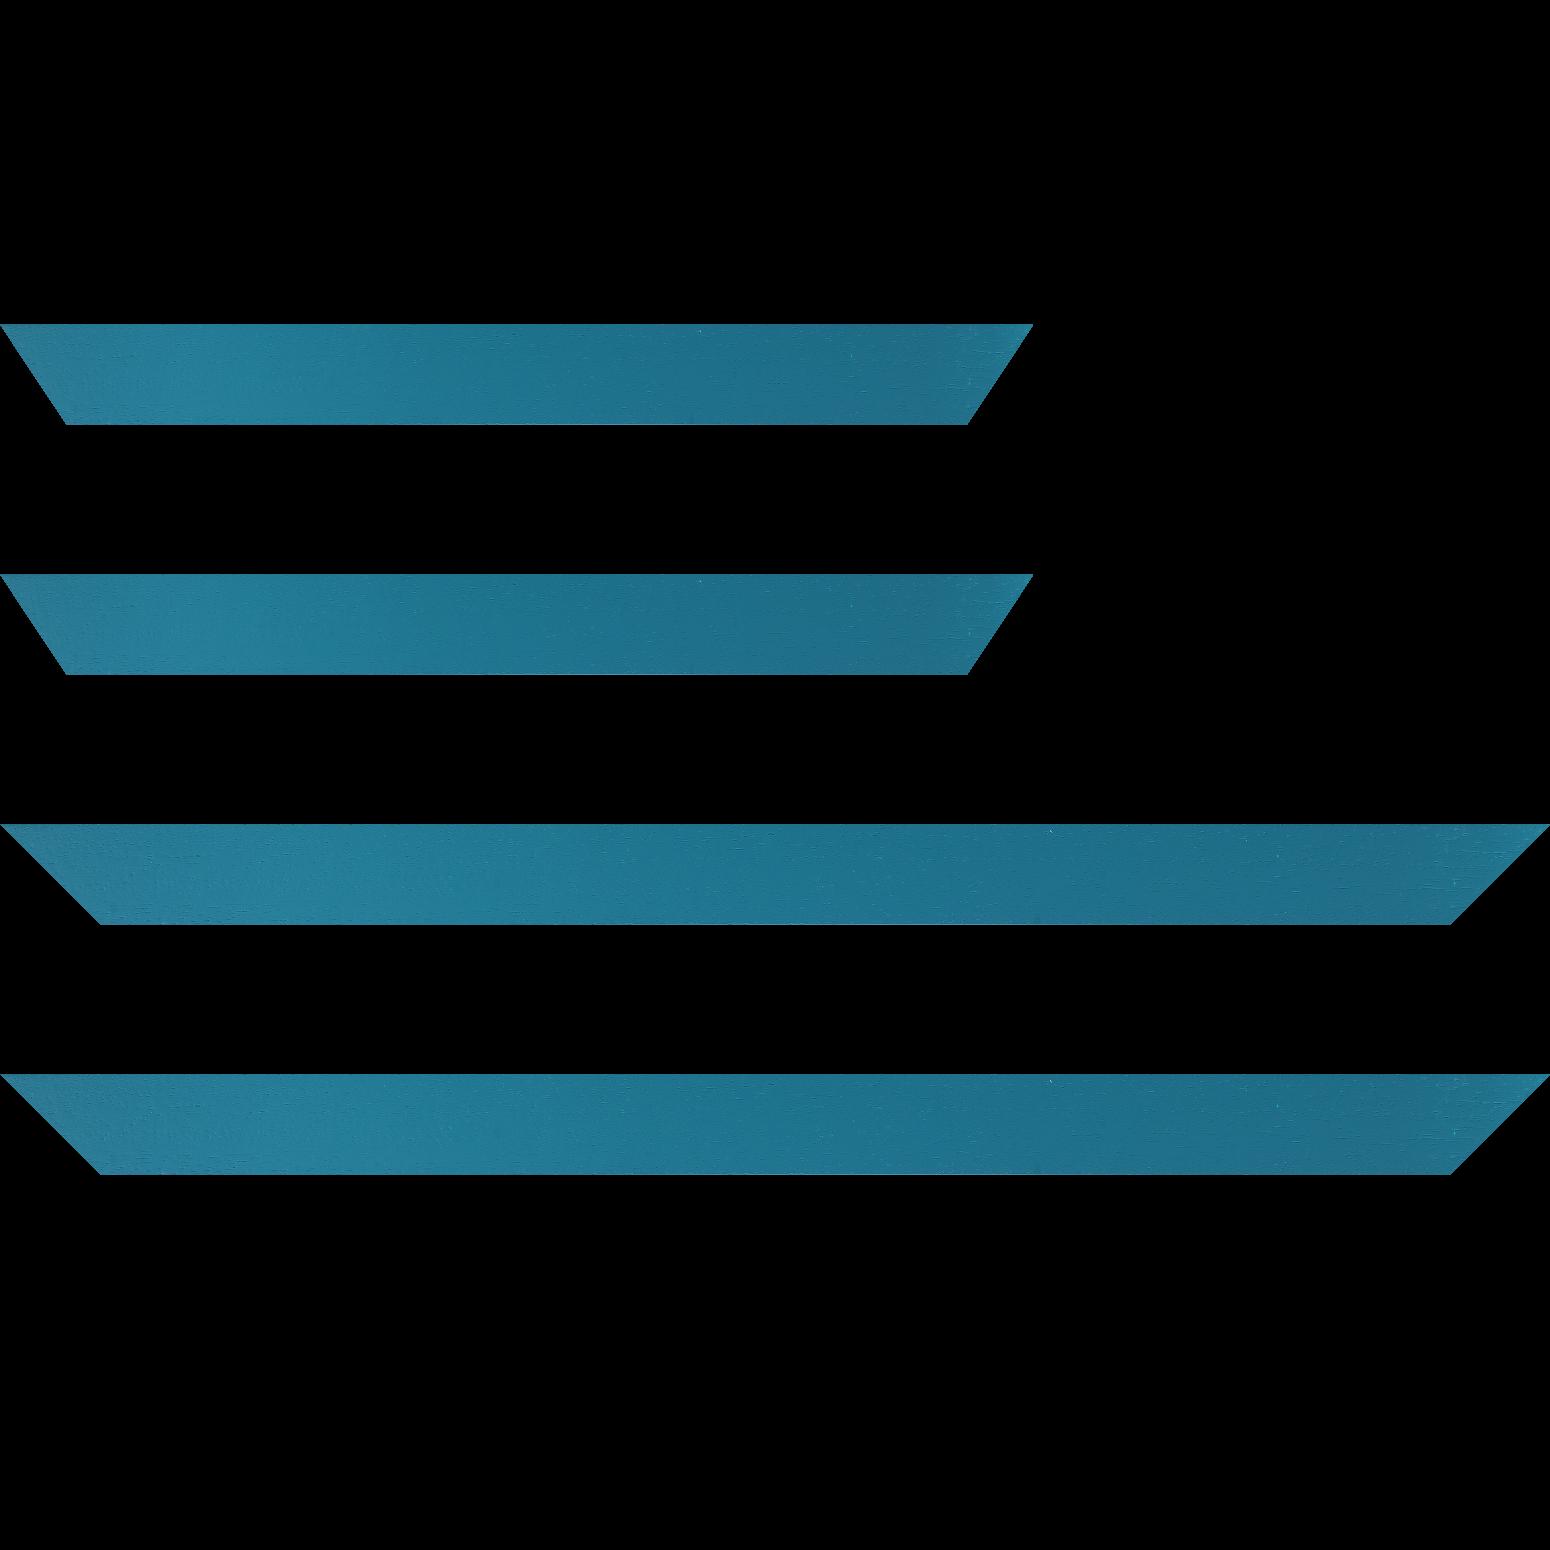 Baguette service précoupé Bois profil plat largeur 3cm couleur bleu turquoise satiné